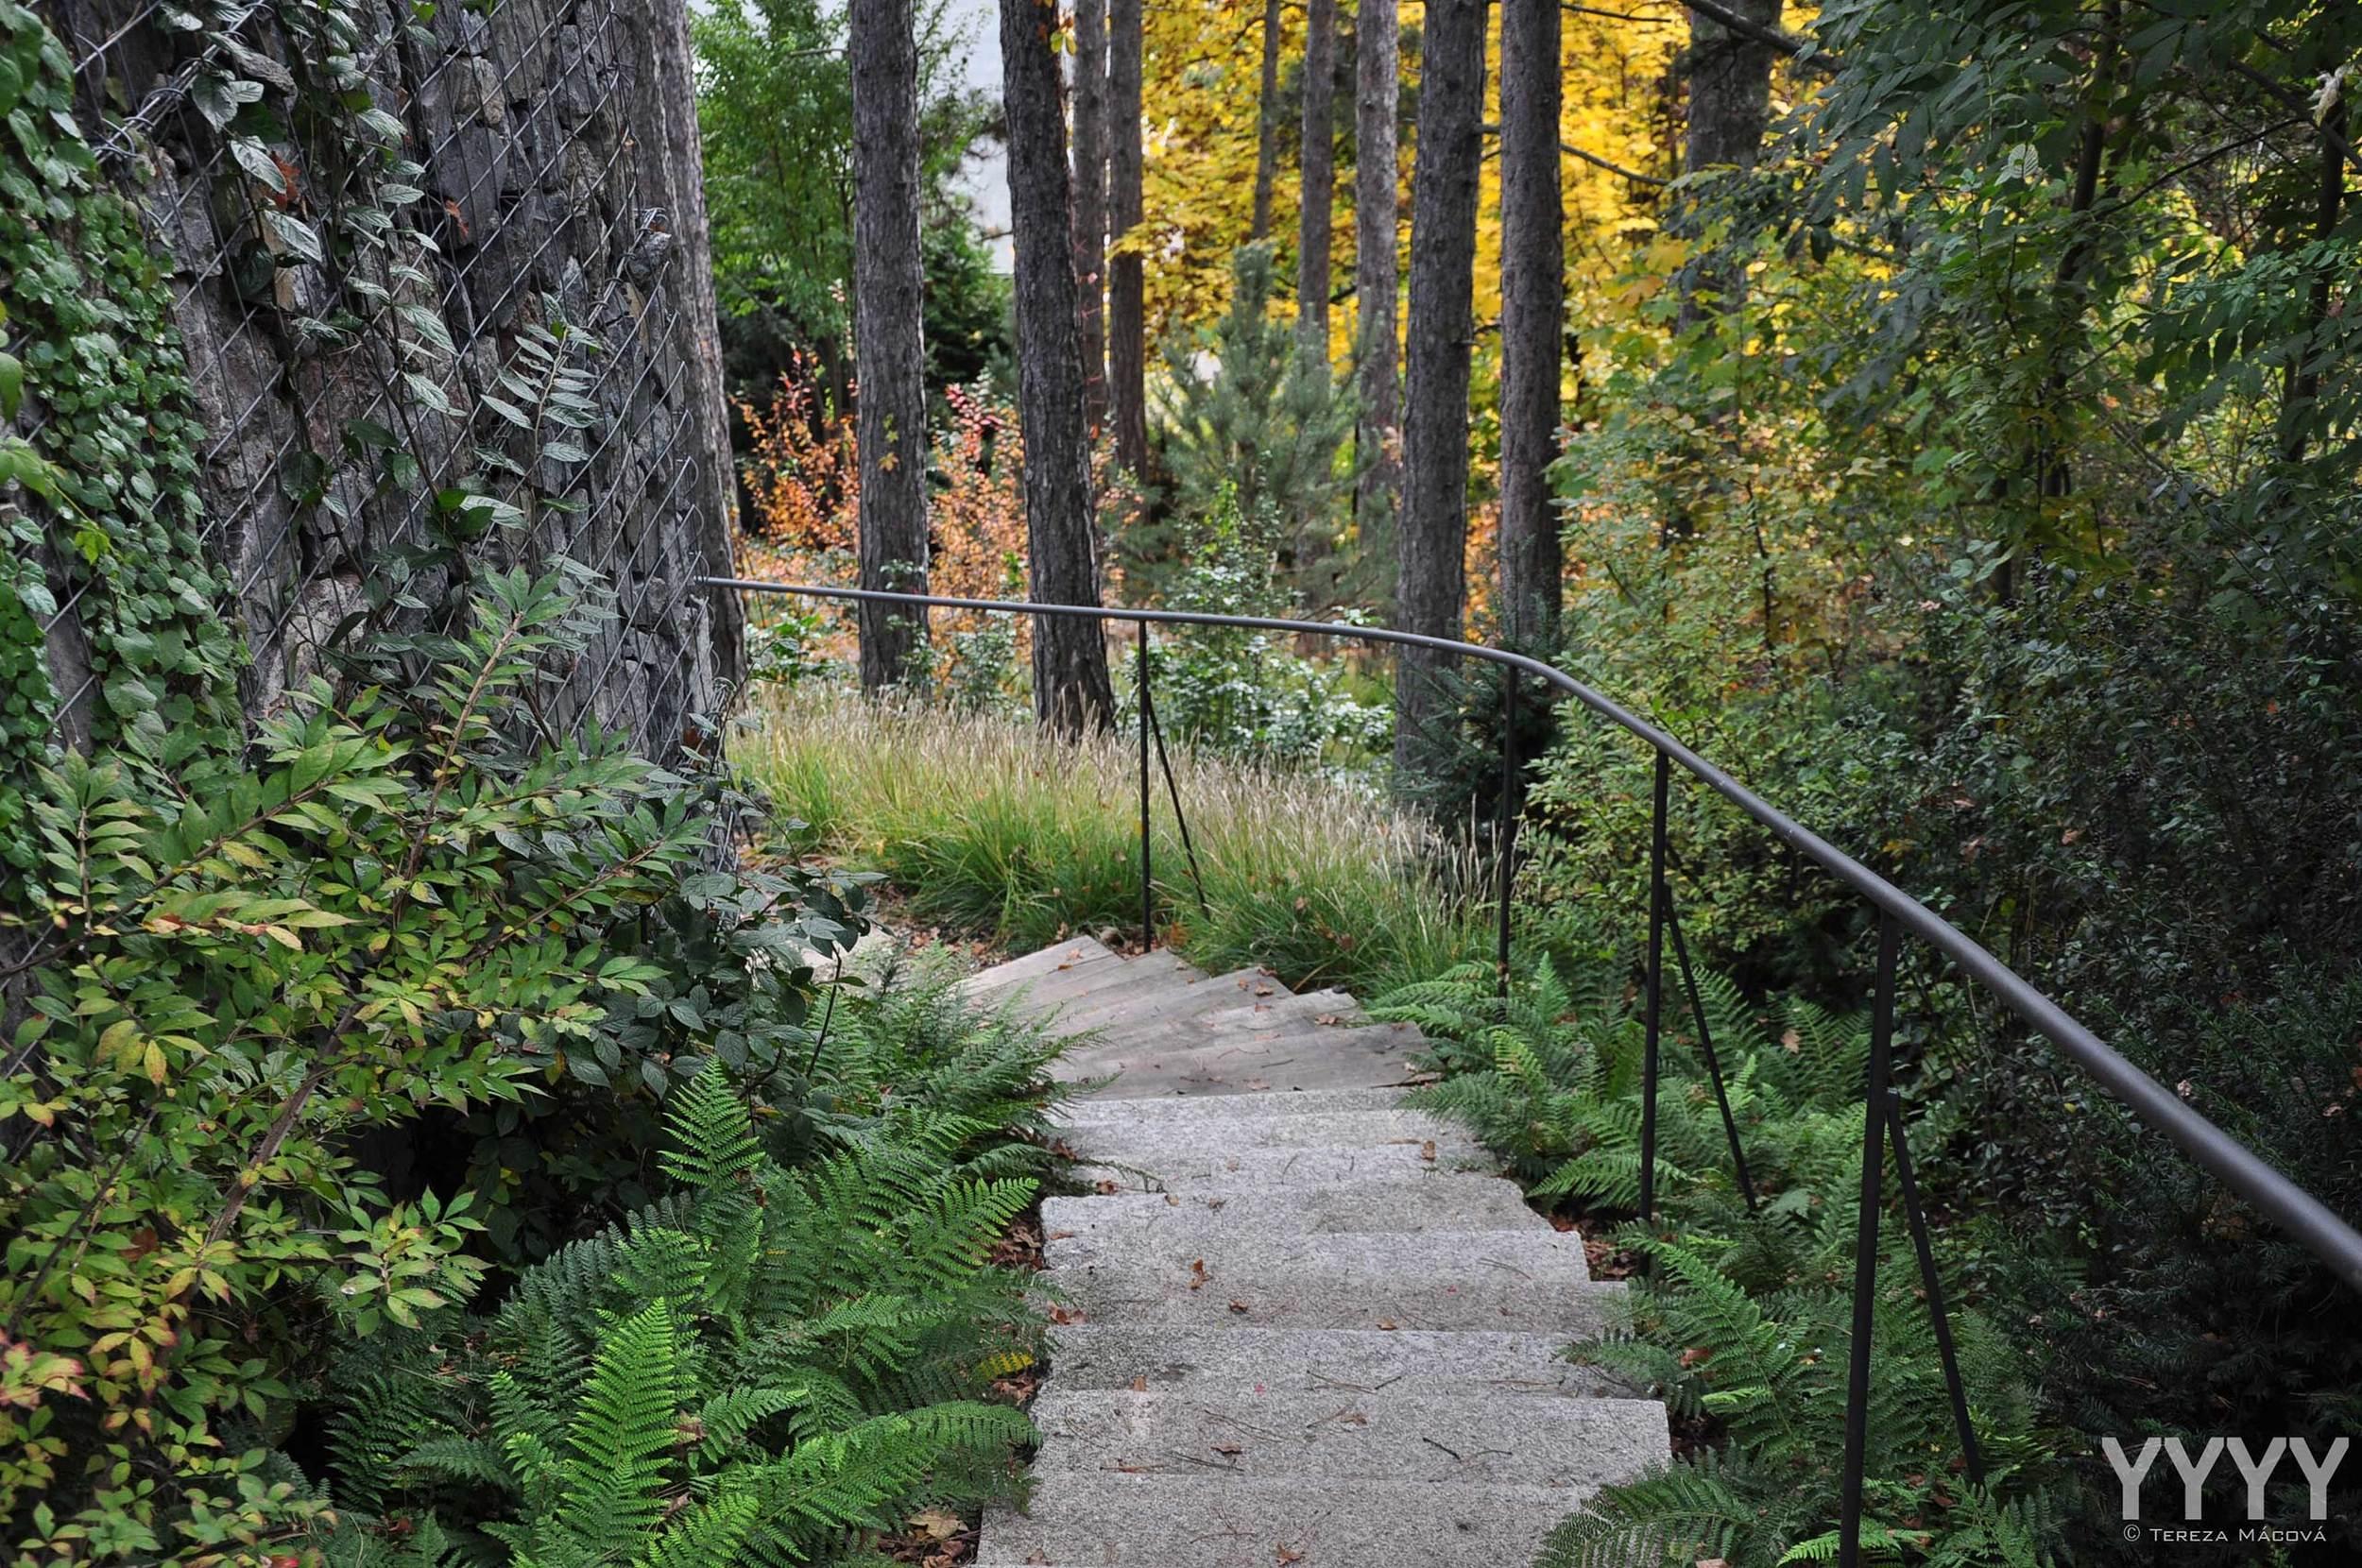 Zahrada s překvapením v lese